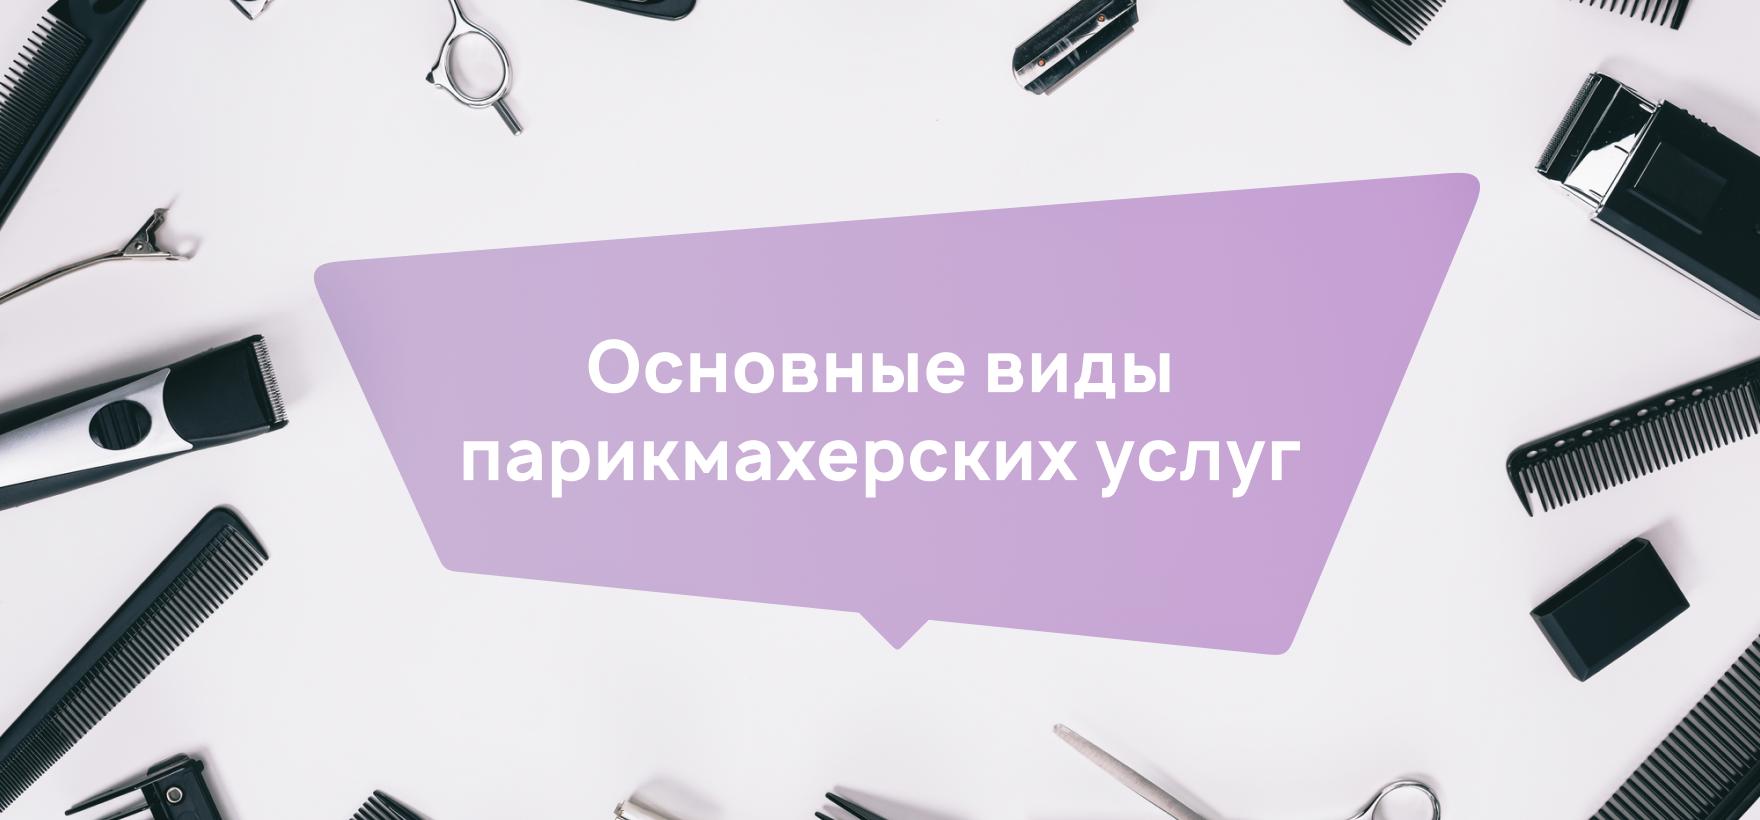 Классификация парикмахерских услуг для салонов красоты. Виды парикмахерских услуг